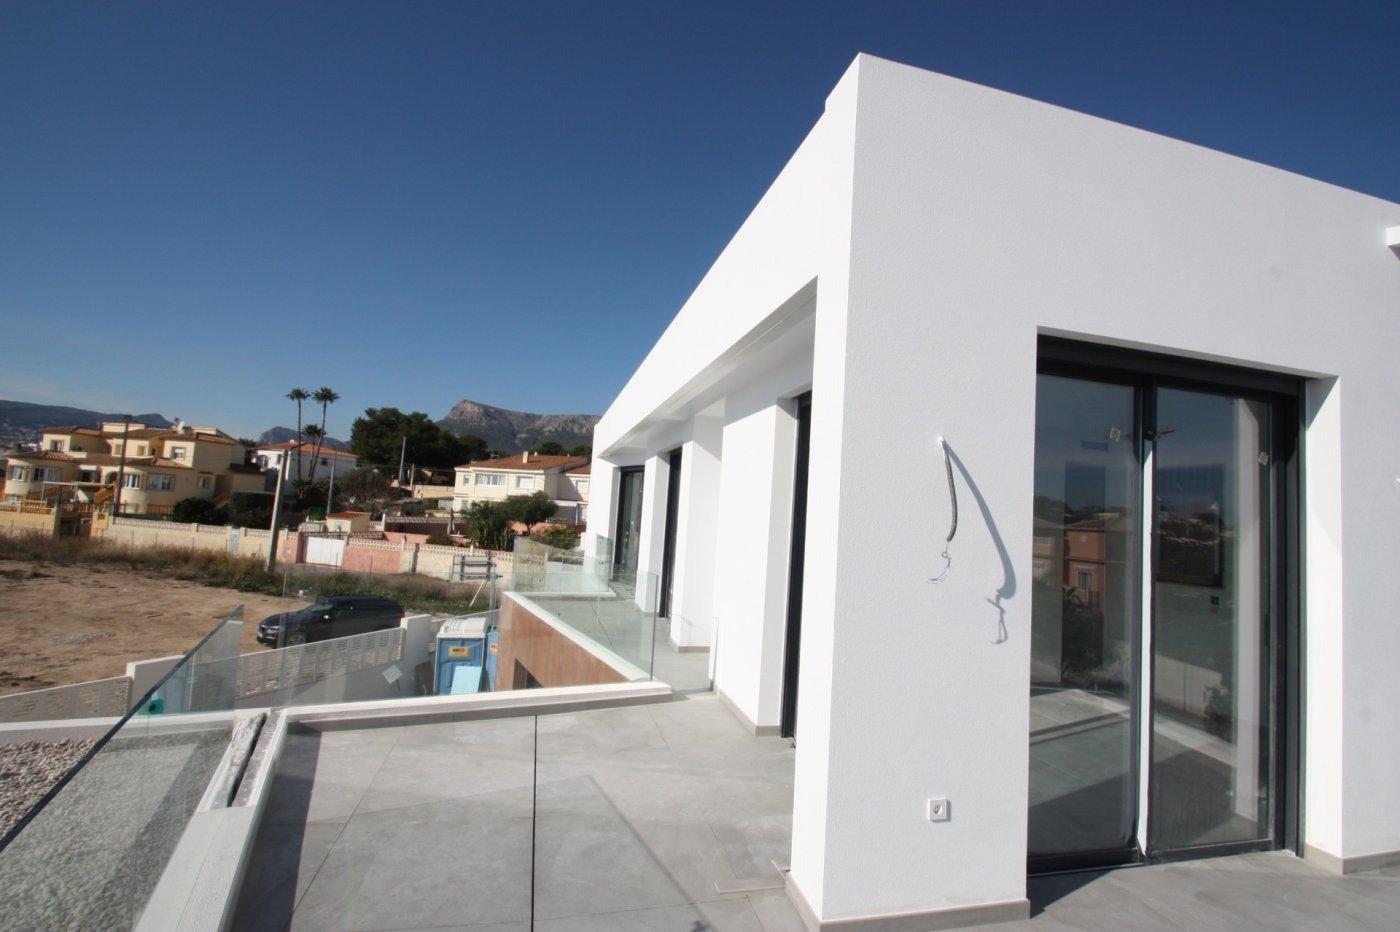 Villa de obra nueva de estilo moderno en venta en calpe a 600 m de la playa - imagenInmueble10